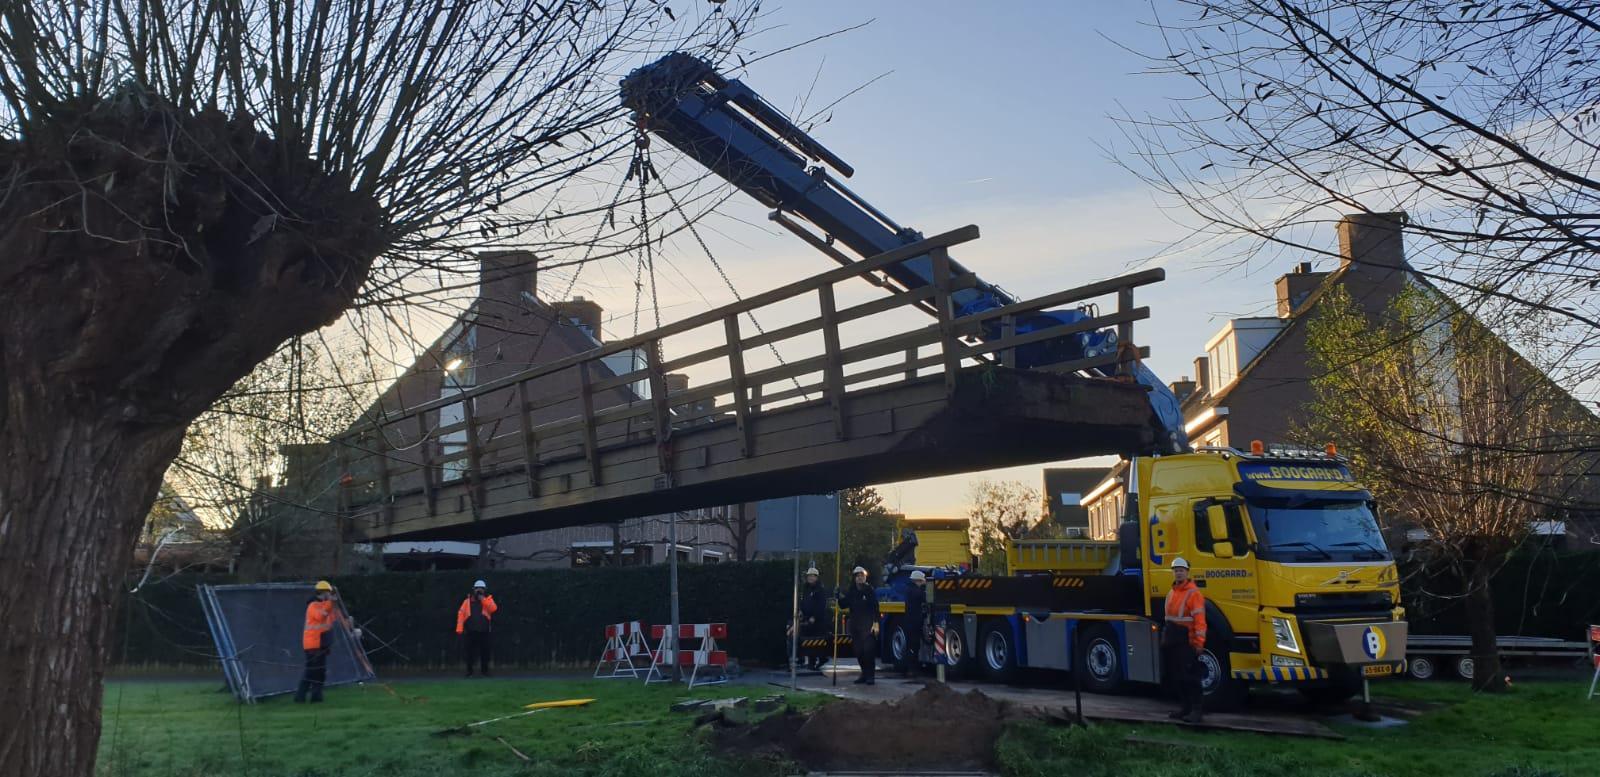 Fietsers en voetgangers in Weesp Zuid zitten straks bijna een jaar zonder brug: 'Wat is er toch aan de hand met dat ding?', vraagt de buurt zich af